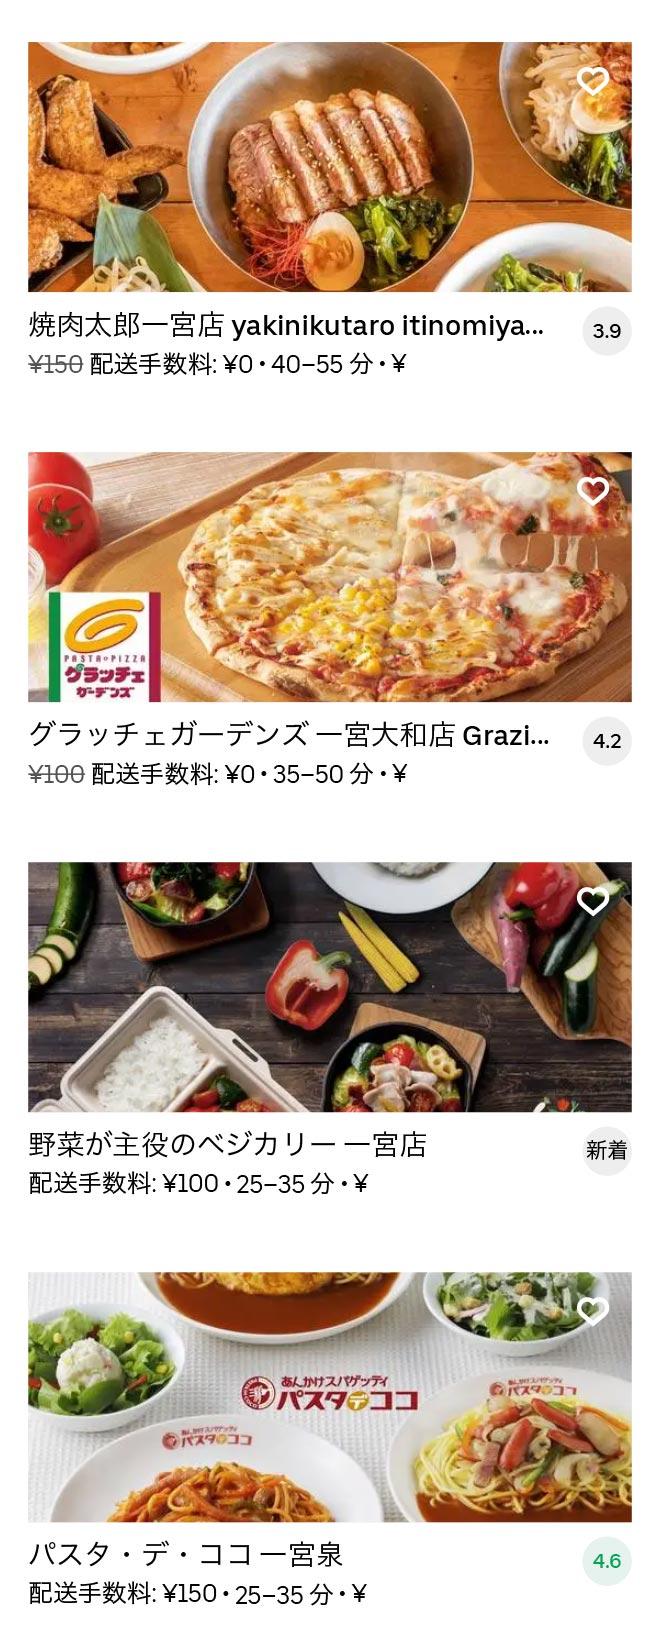 Ichinomiya menu 2010 06